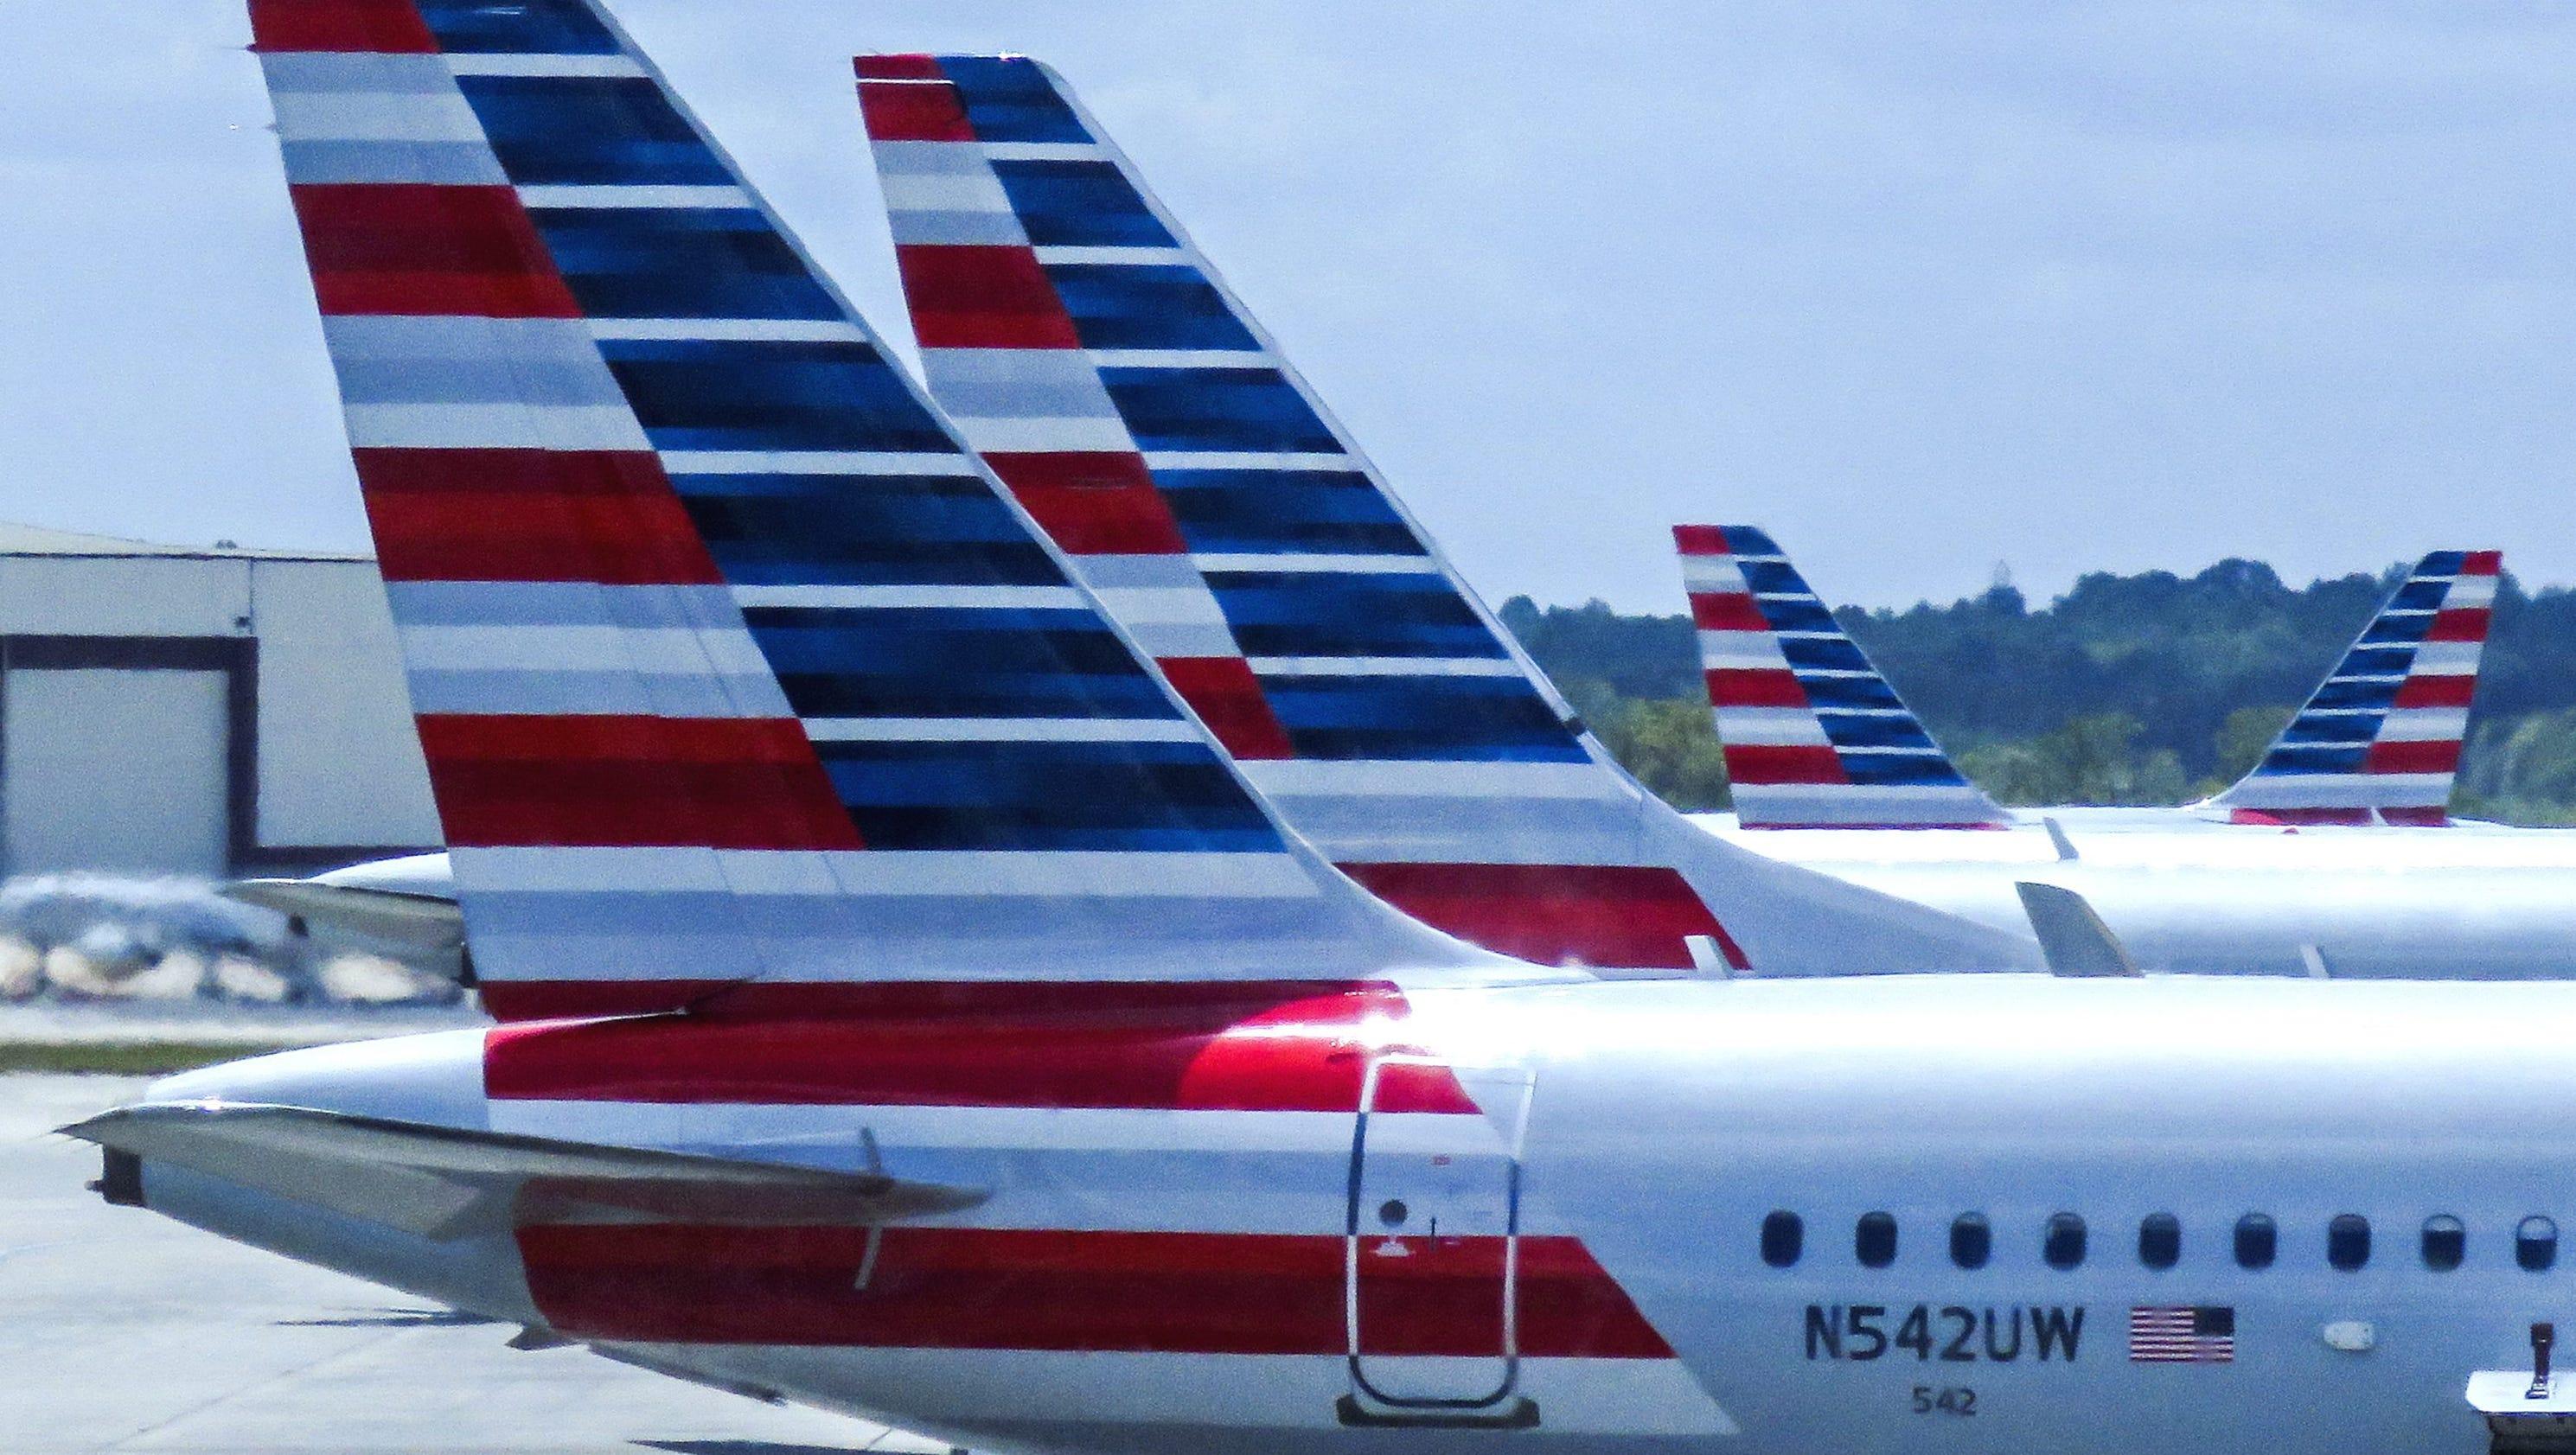 Resultado de imagen para American Airlines Aruba Reina Beatrix